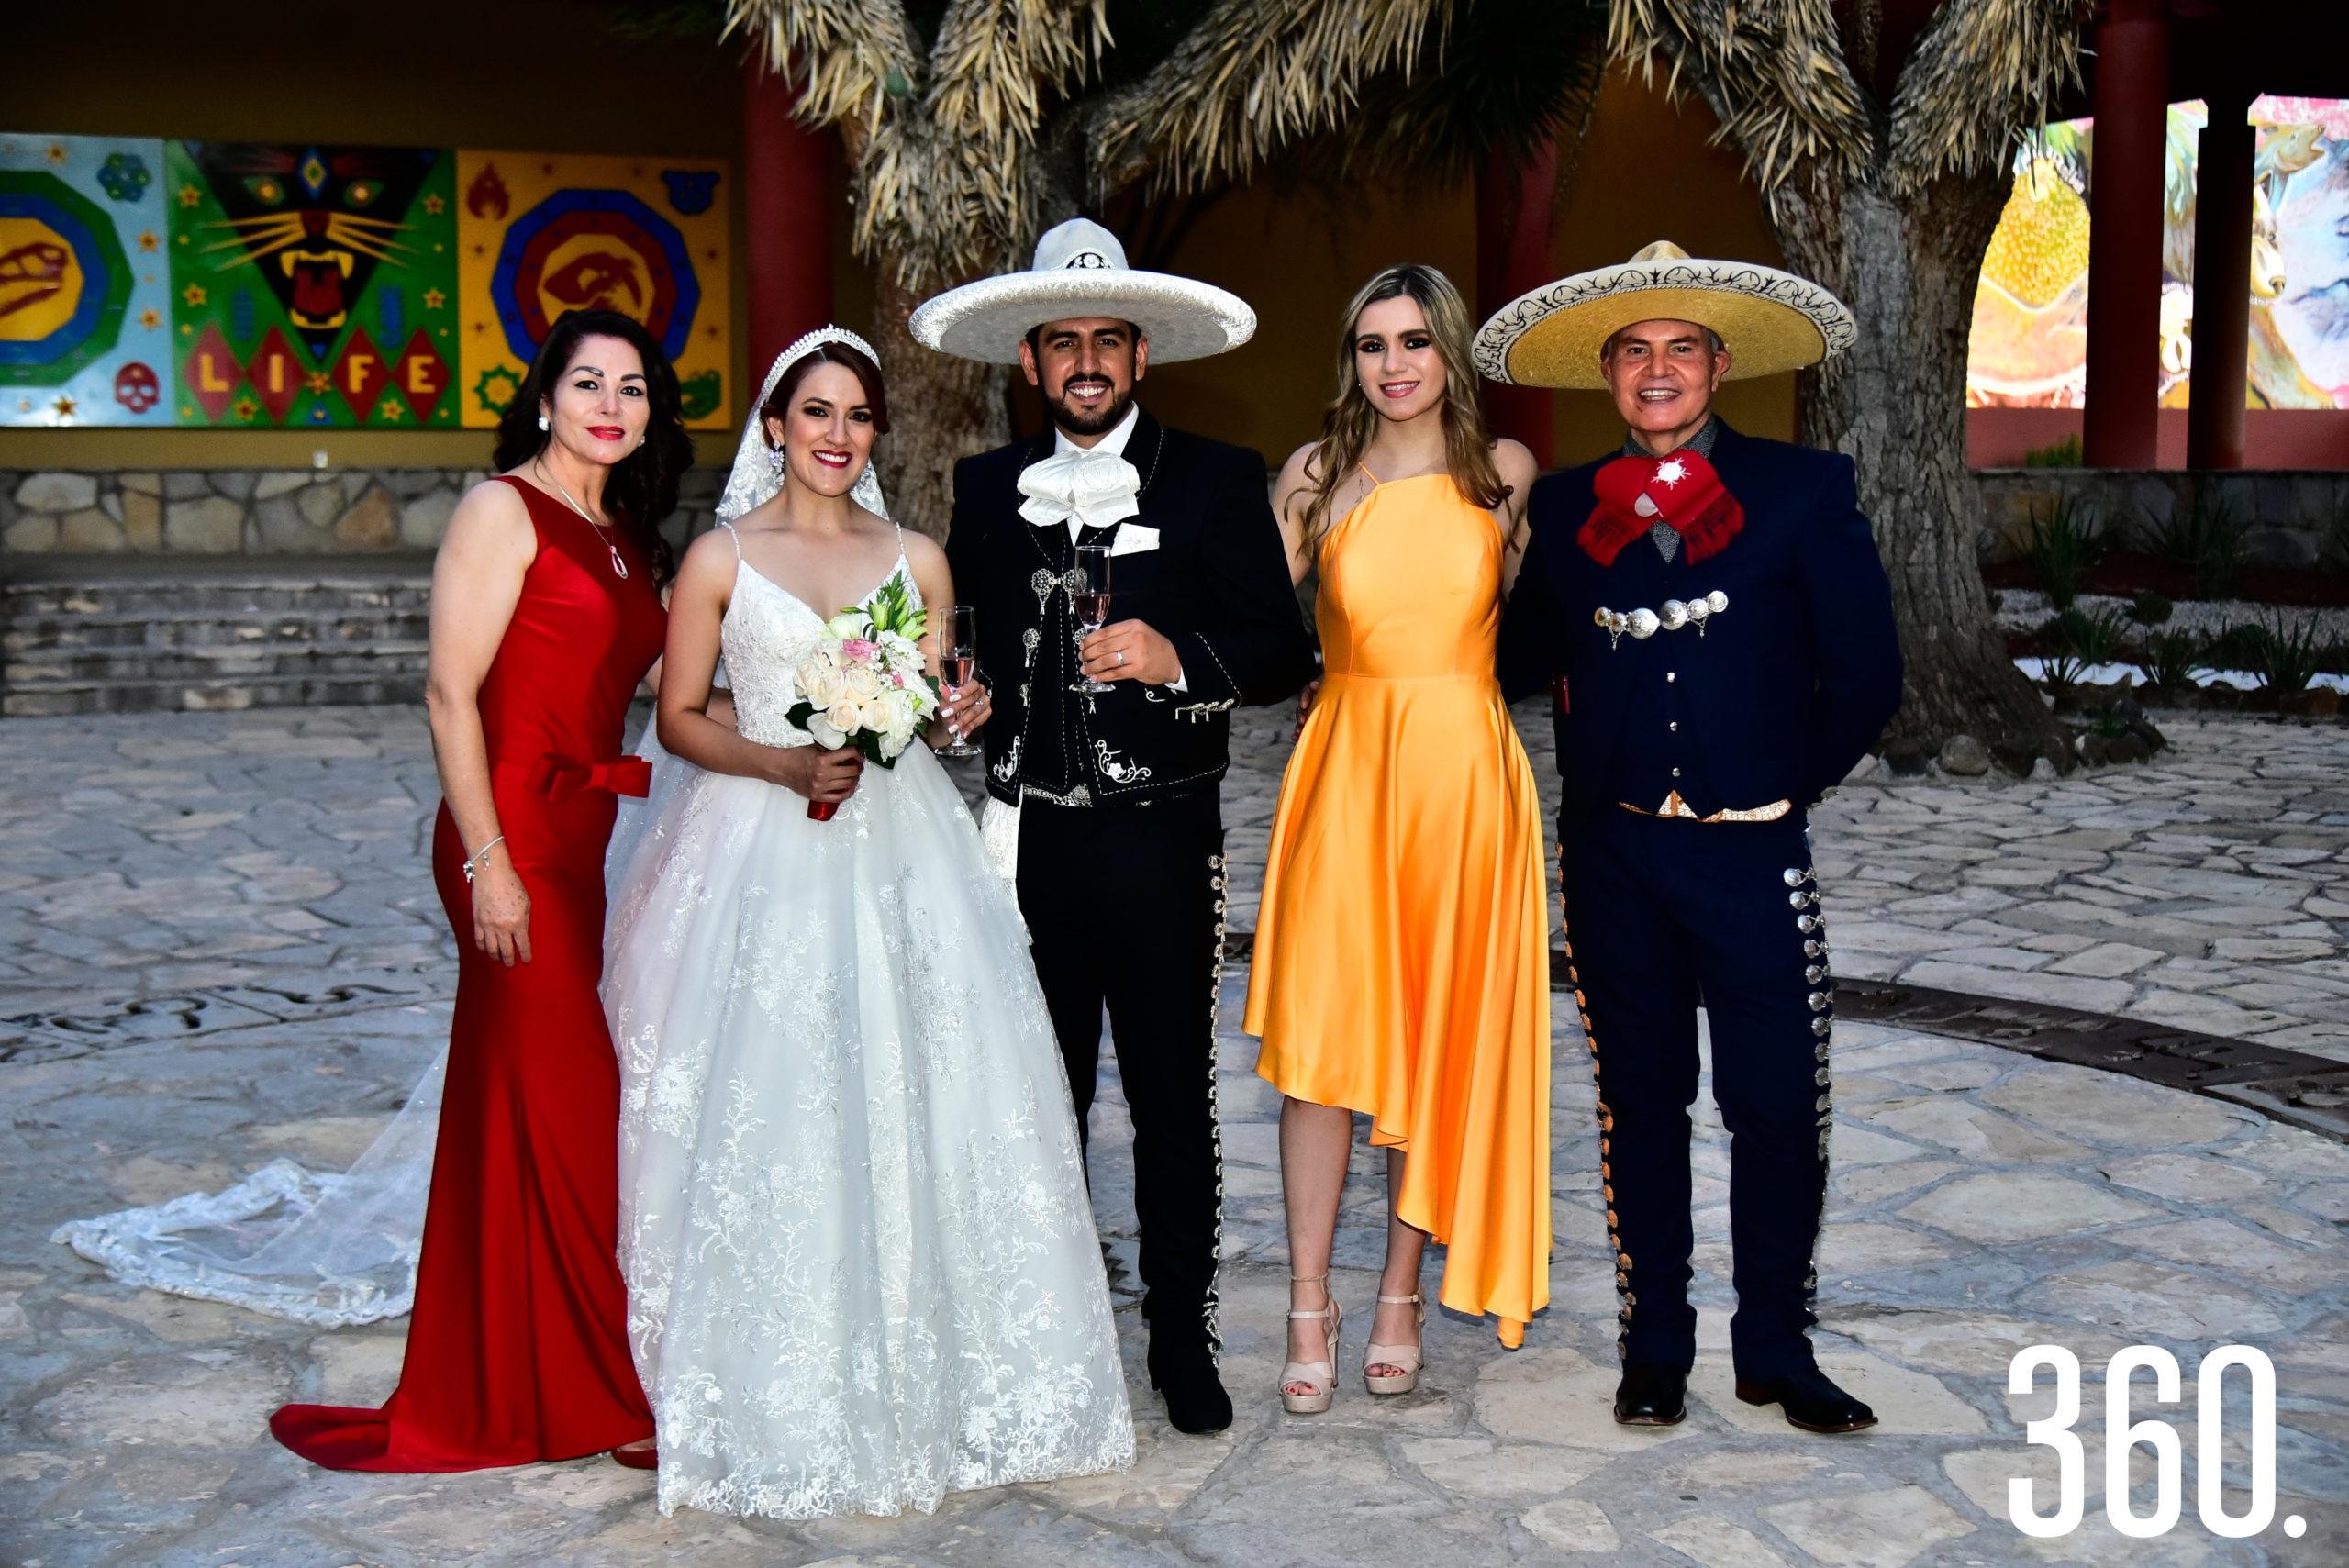 Aida Burciaga, Valeria Flores, Rudiger Gabriel Ríos, Andrea Saldaña y Víctor Burciaga.